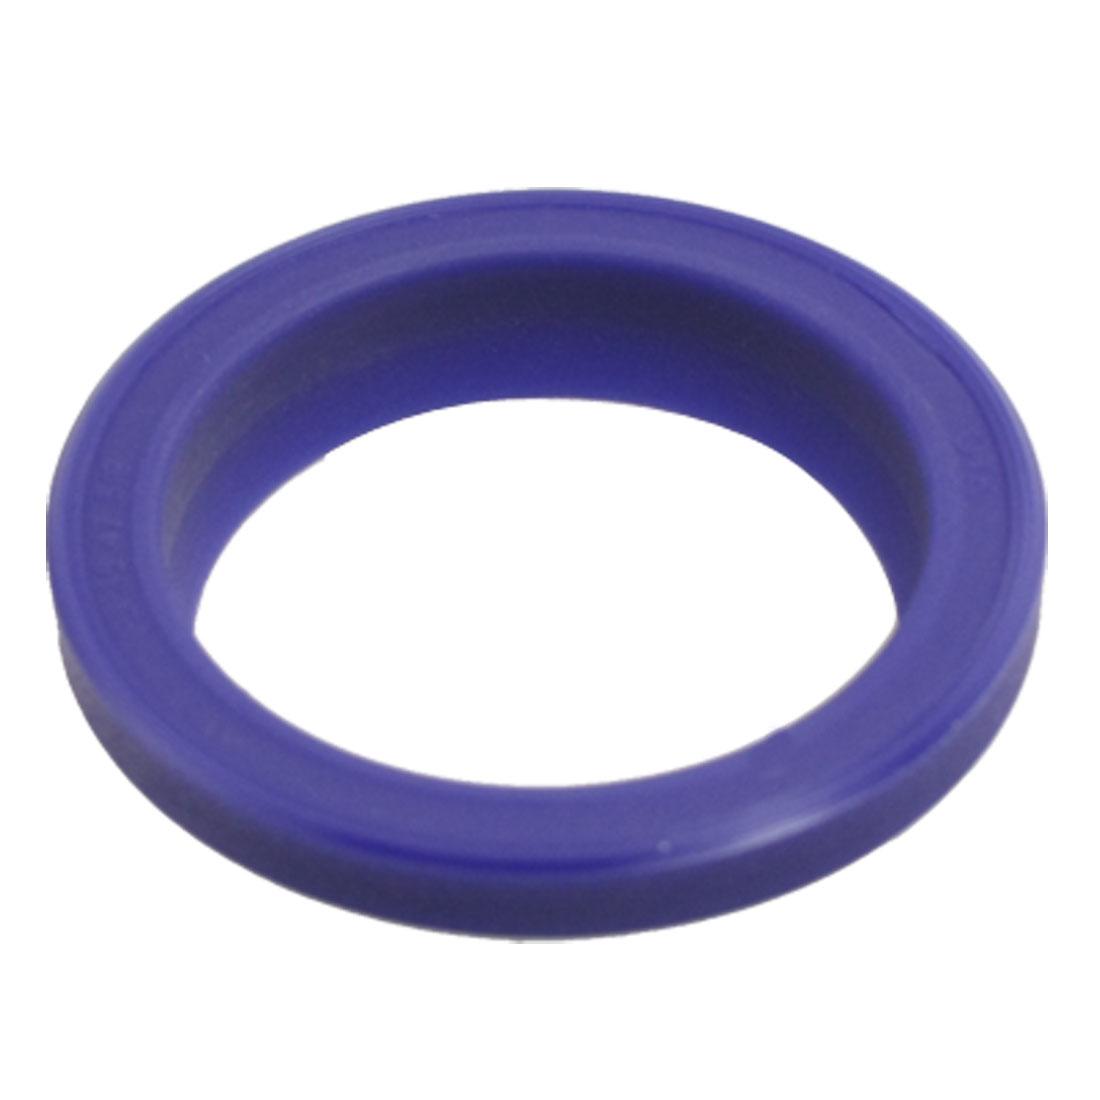 Hydraulic Machine FJ 35mm x 47mm x 5mm x 9mm PU Dust Shaft Seal Blue